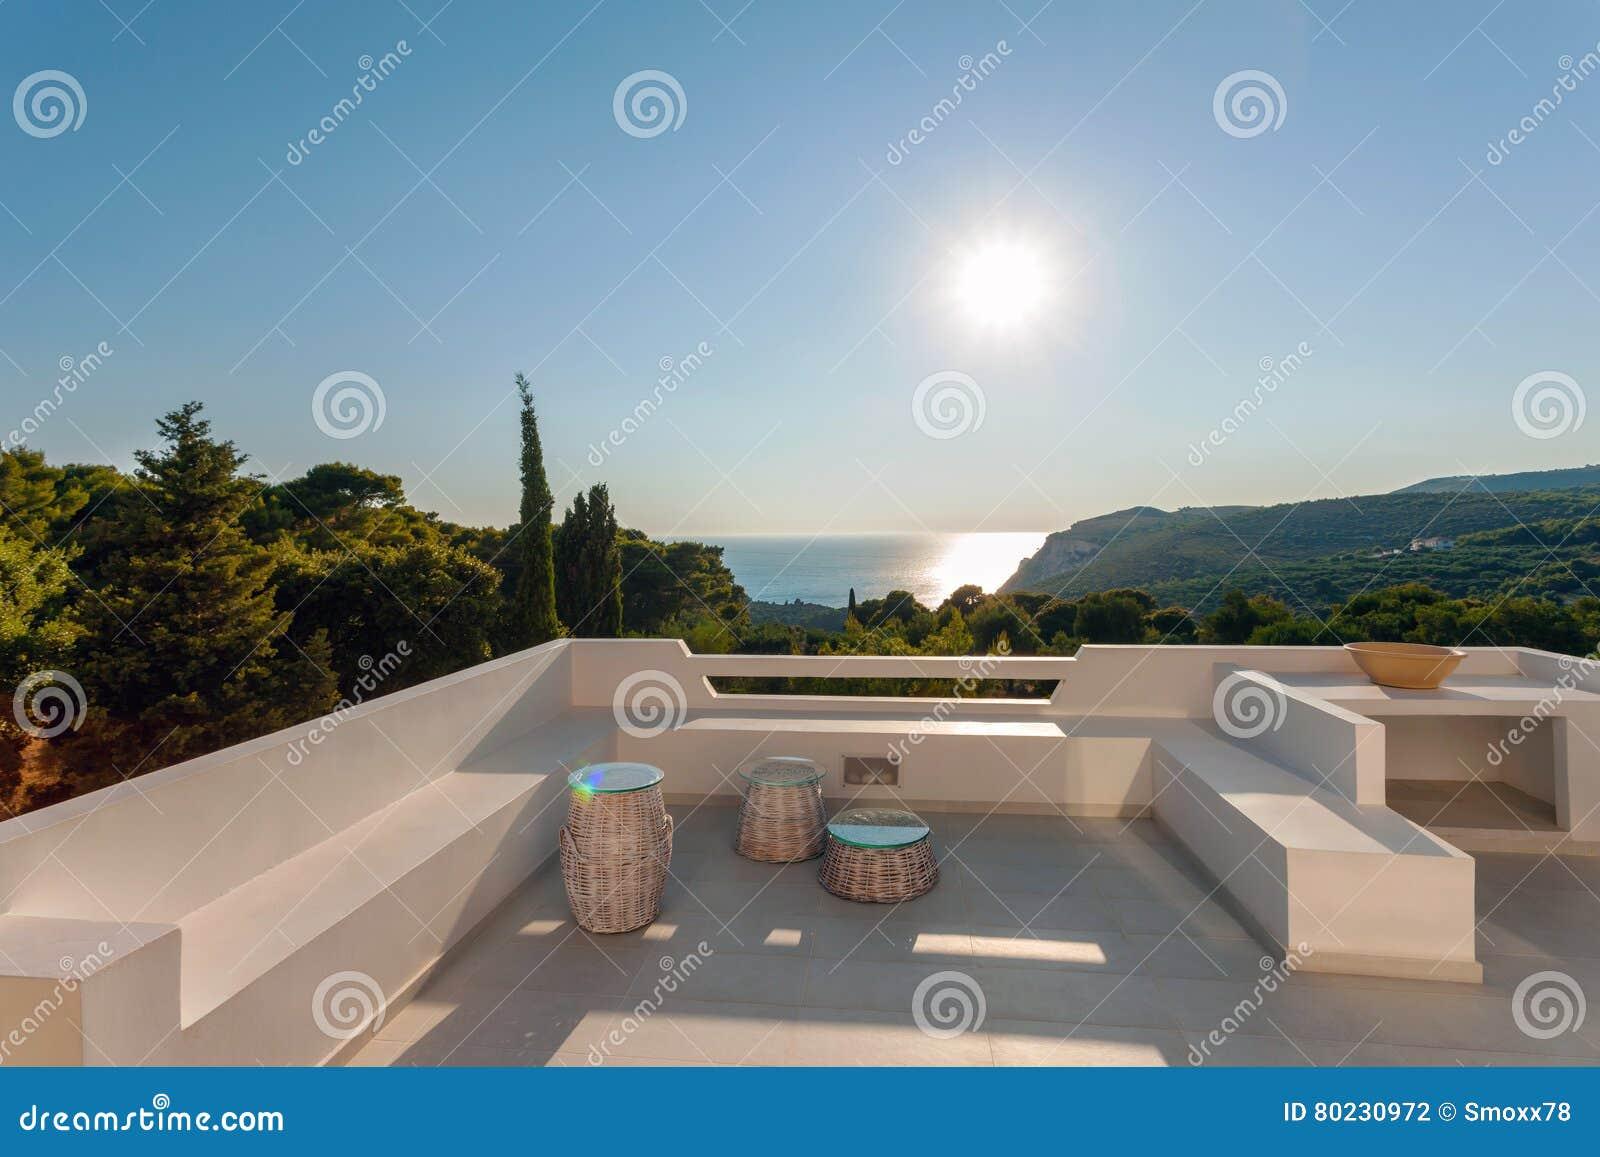 Casa de campo exterior com decoração